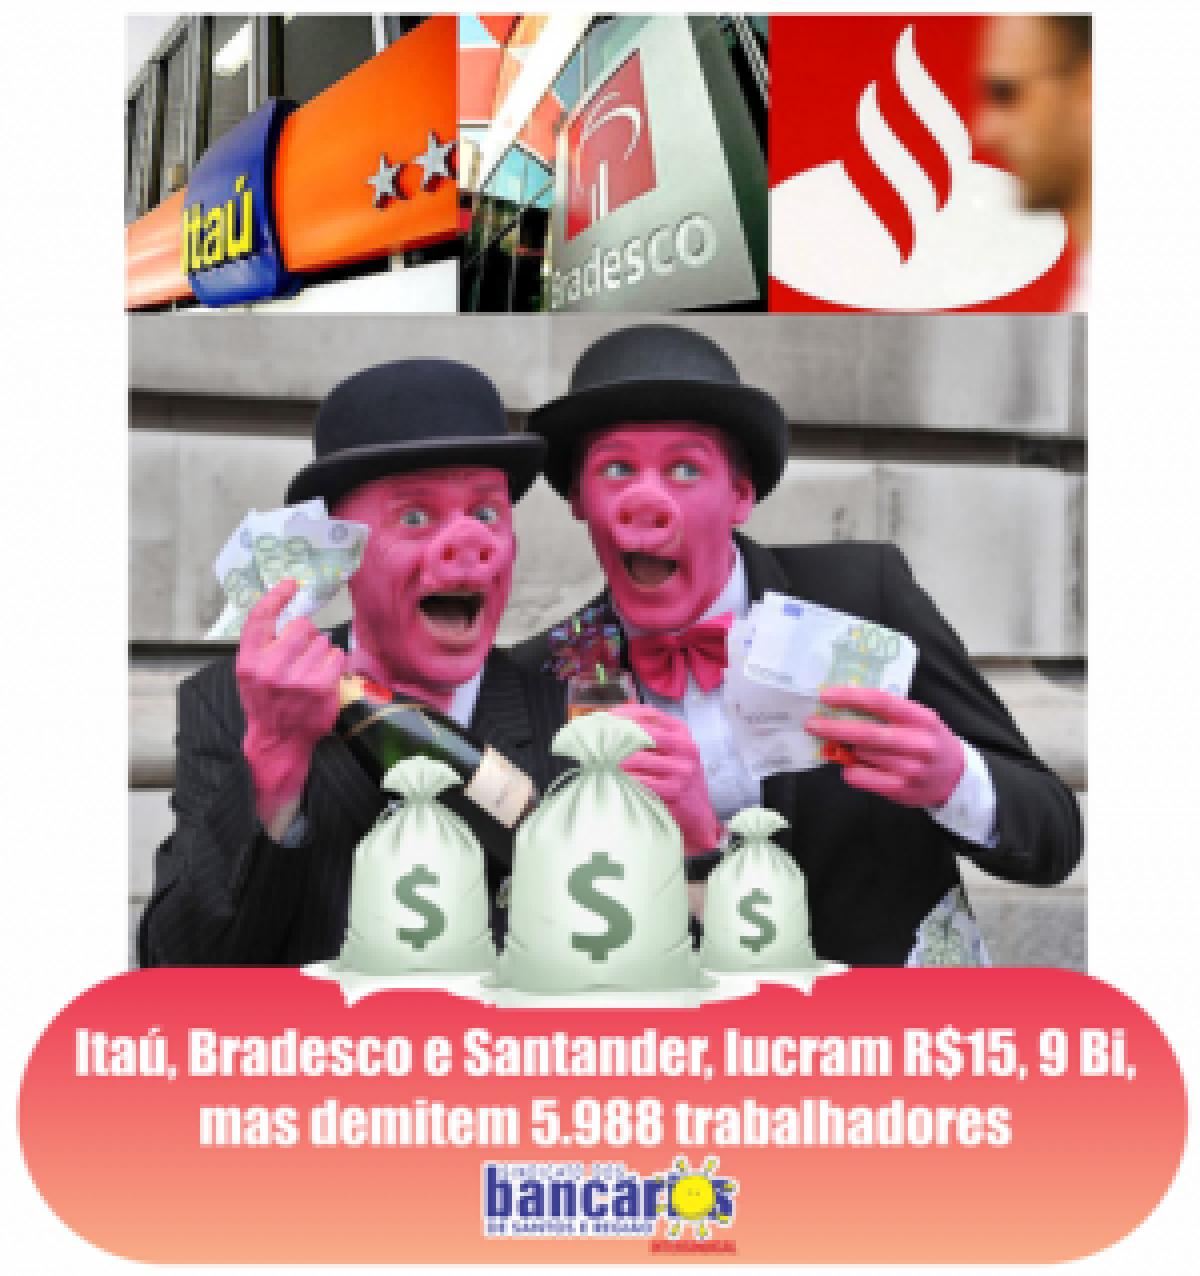 Itaú, Bradesco e Santander lucram R$ 15,9 bilhões, mas cortam 5.988 empregos